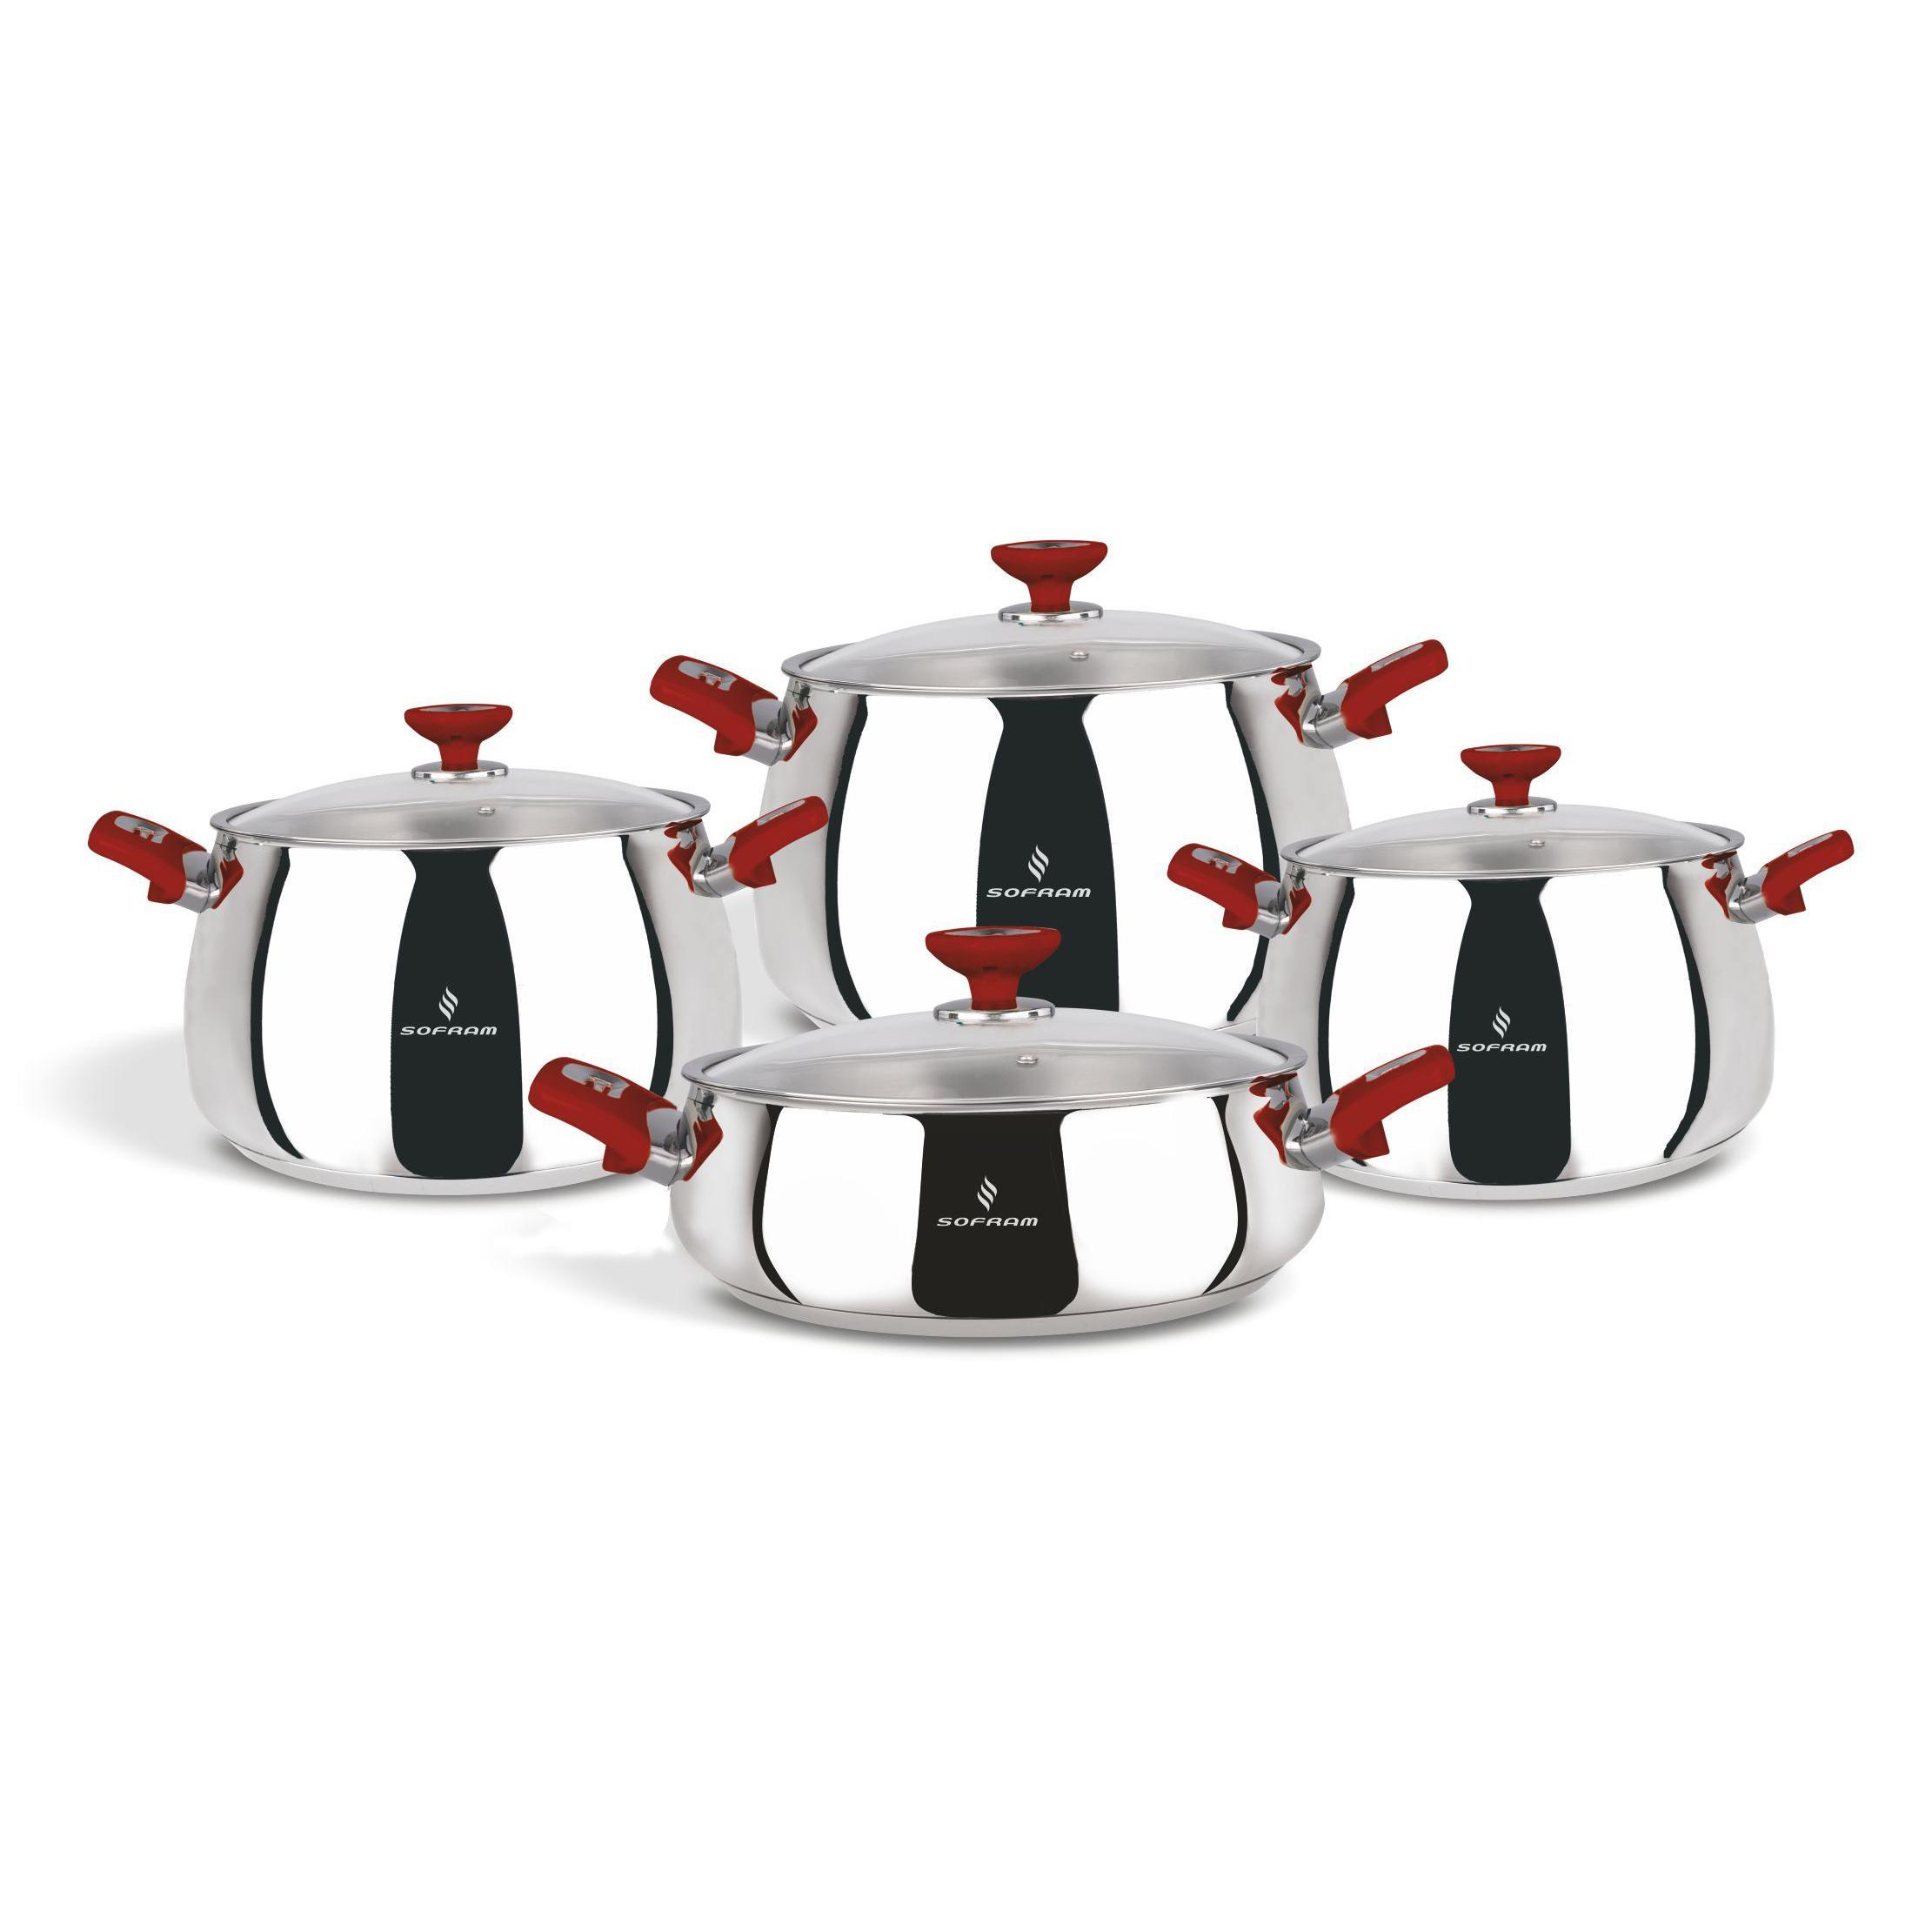 Sofram VENUS 8 Pieces Red Cookware Set